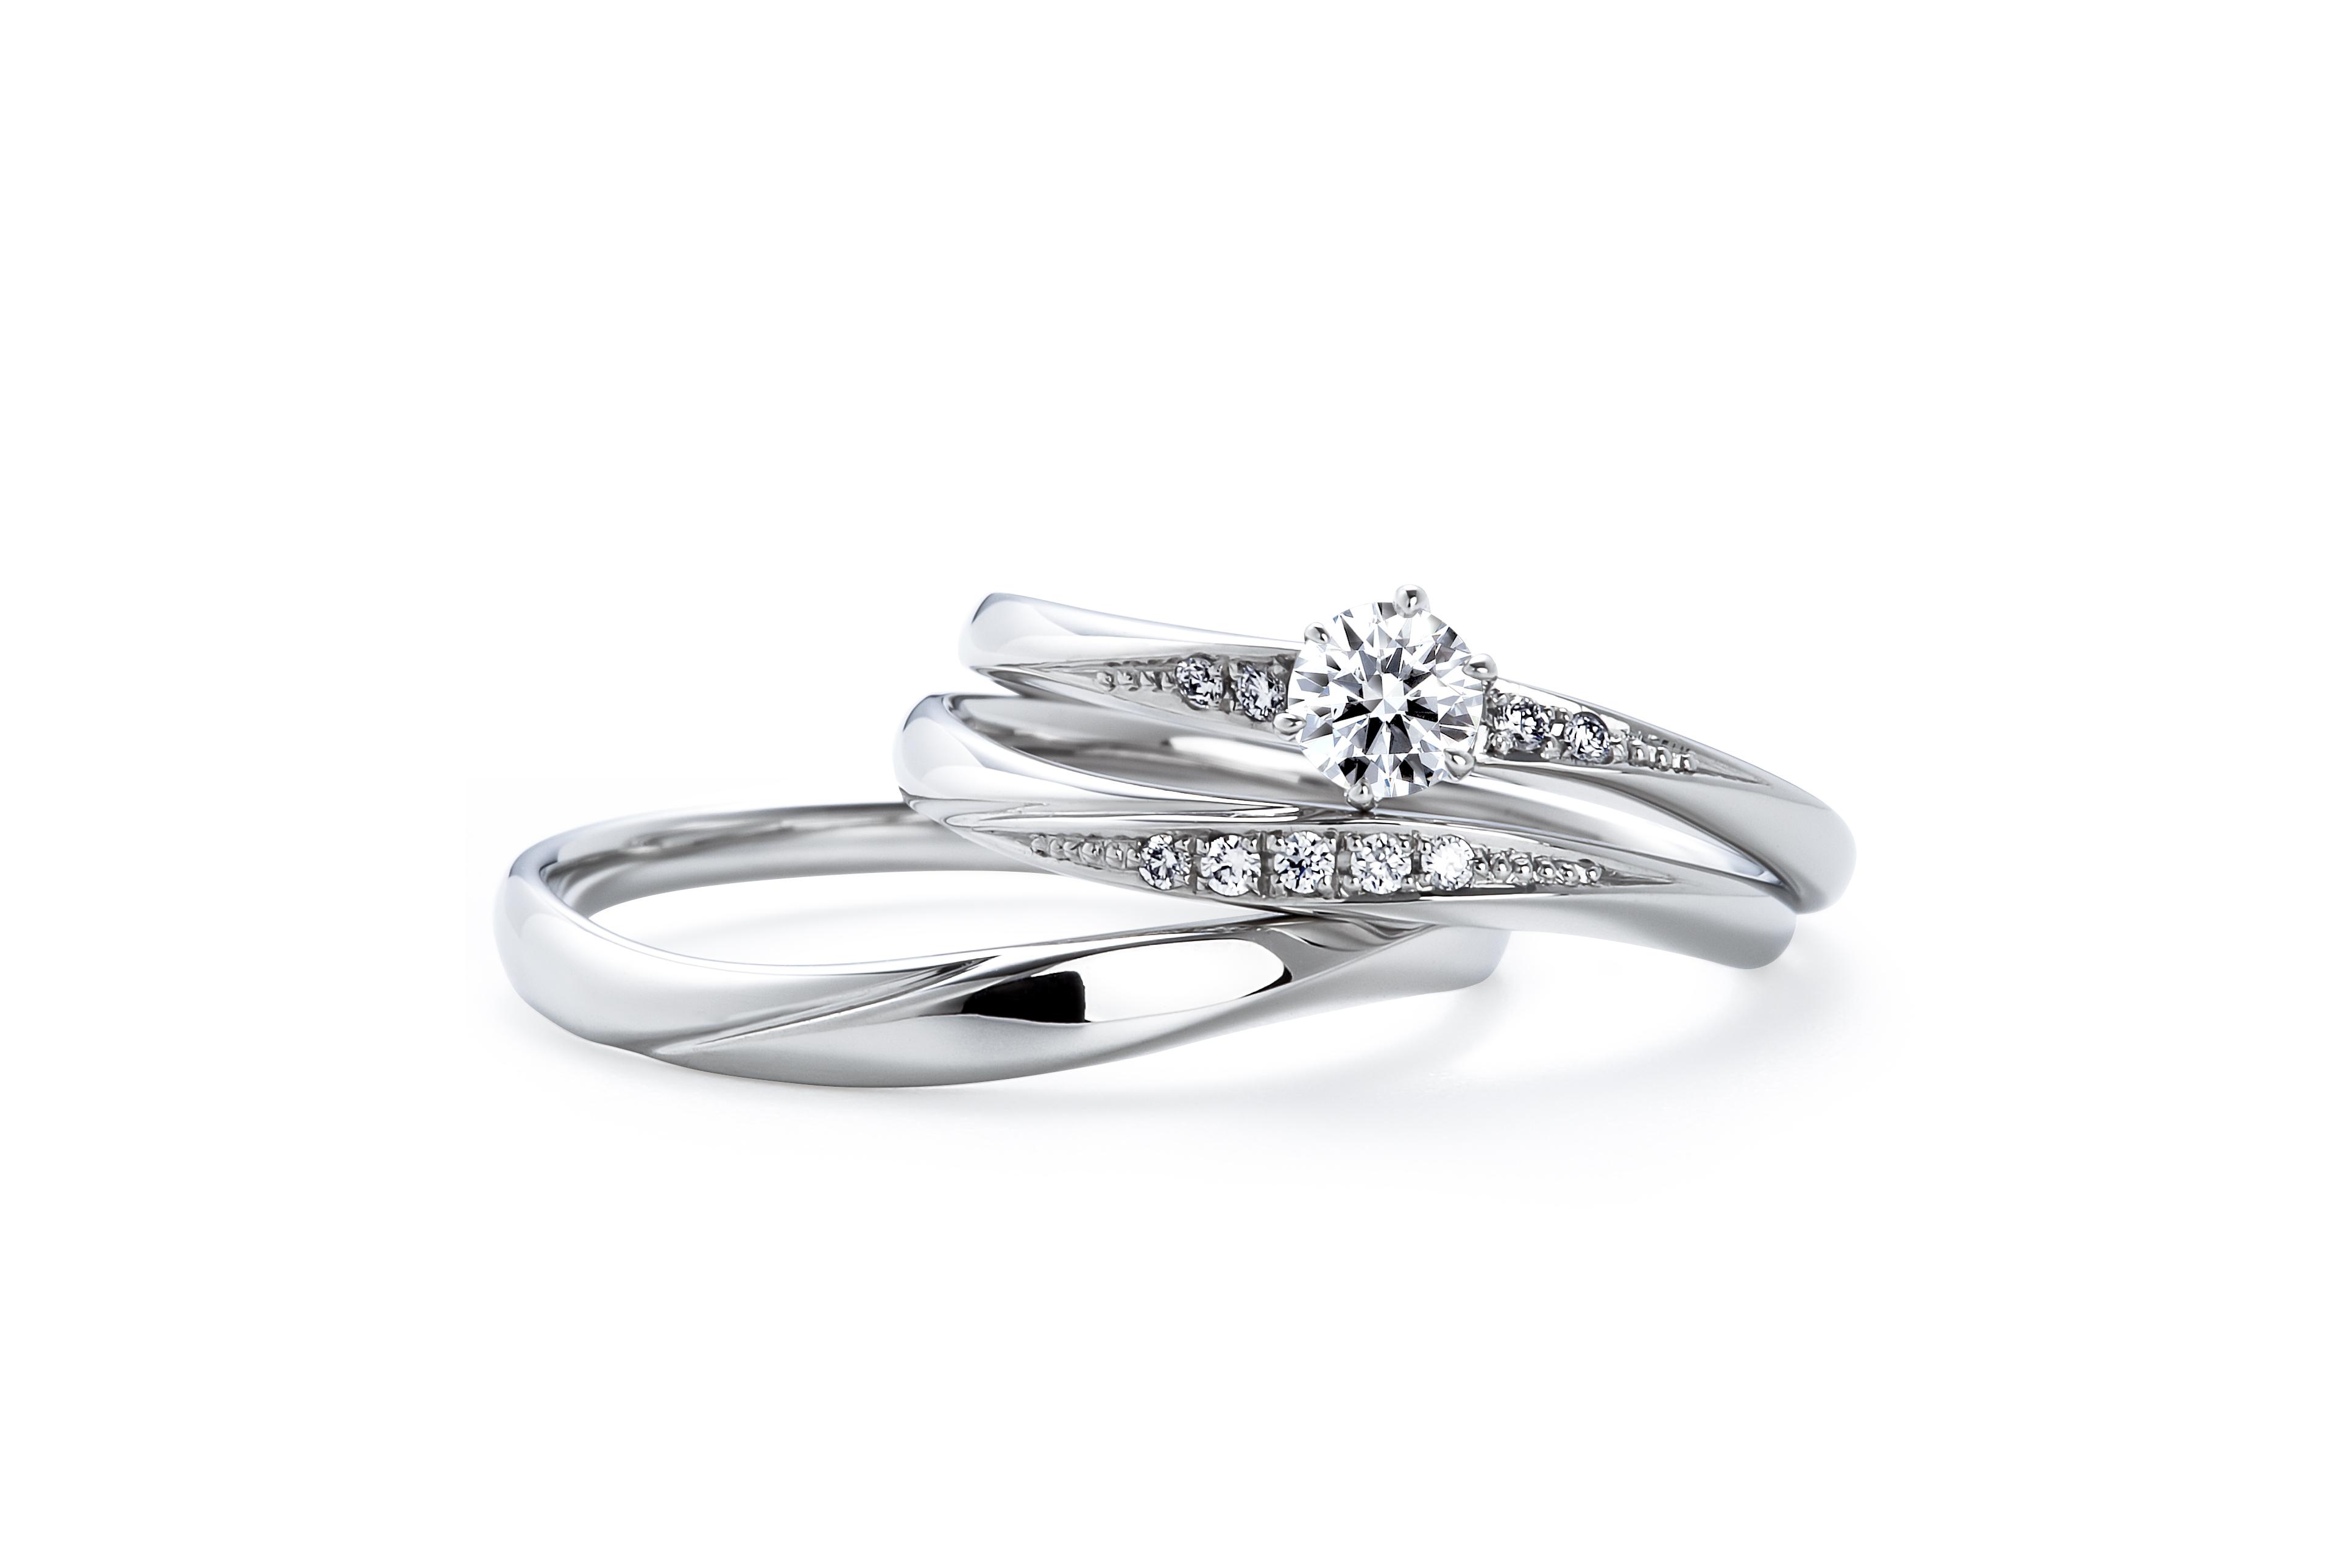 結婚指輪 婚約指輪 仙台 安い セットリング